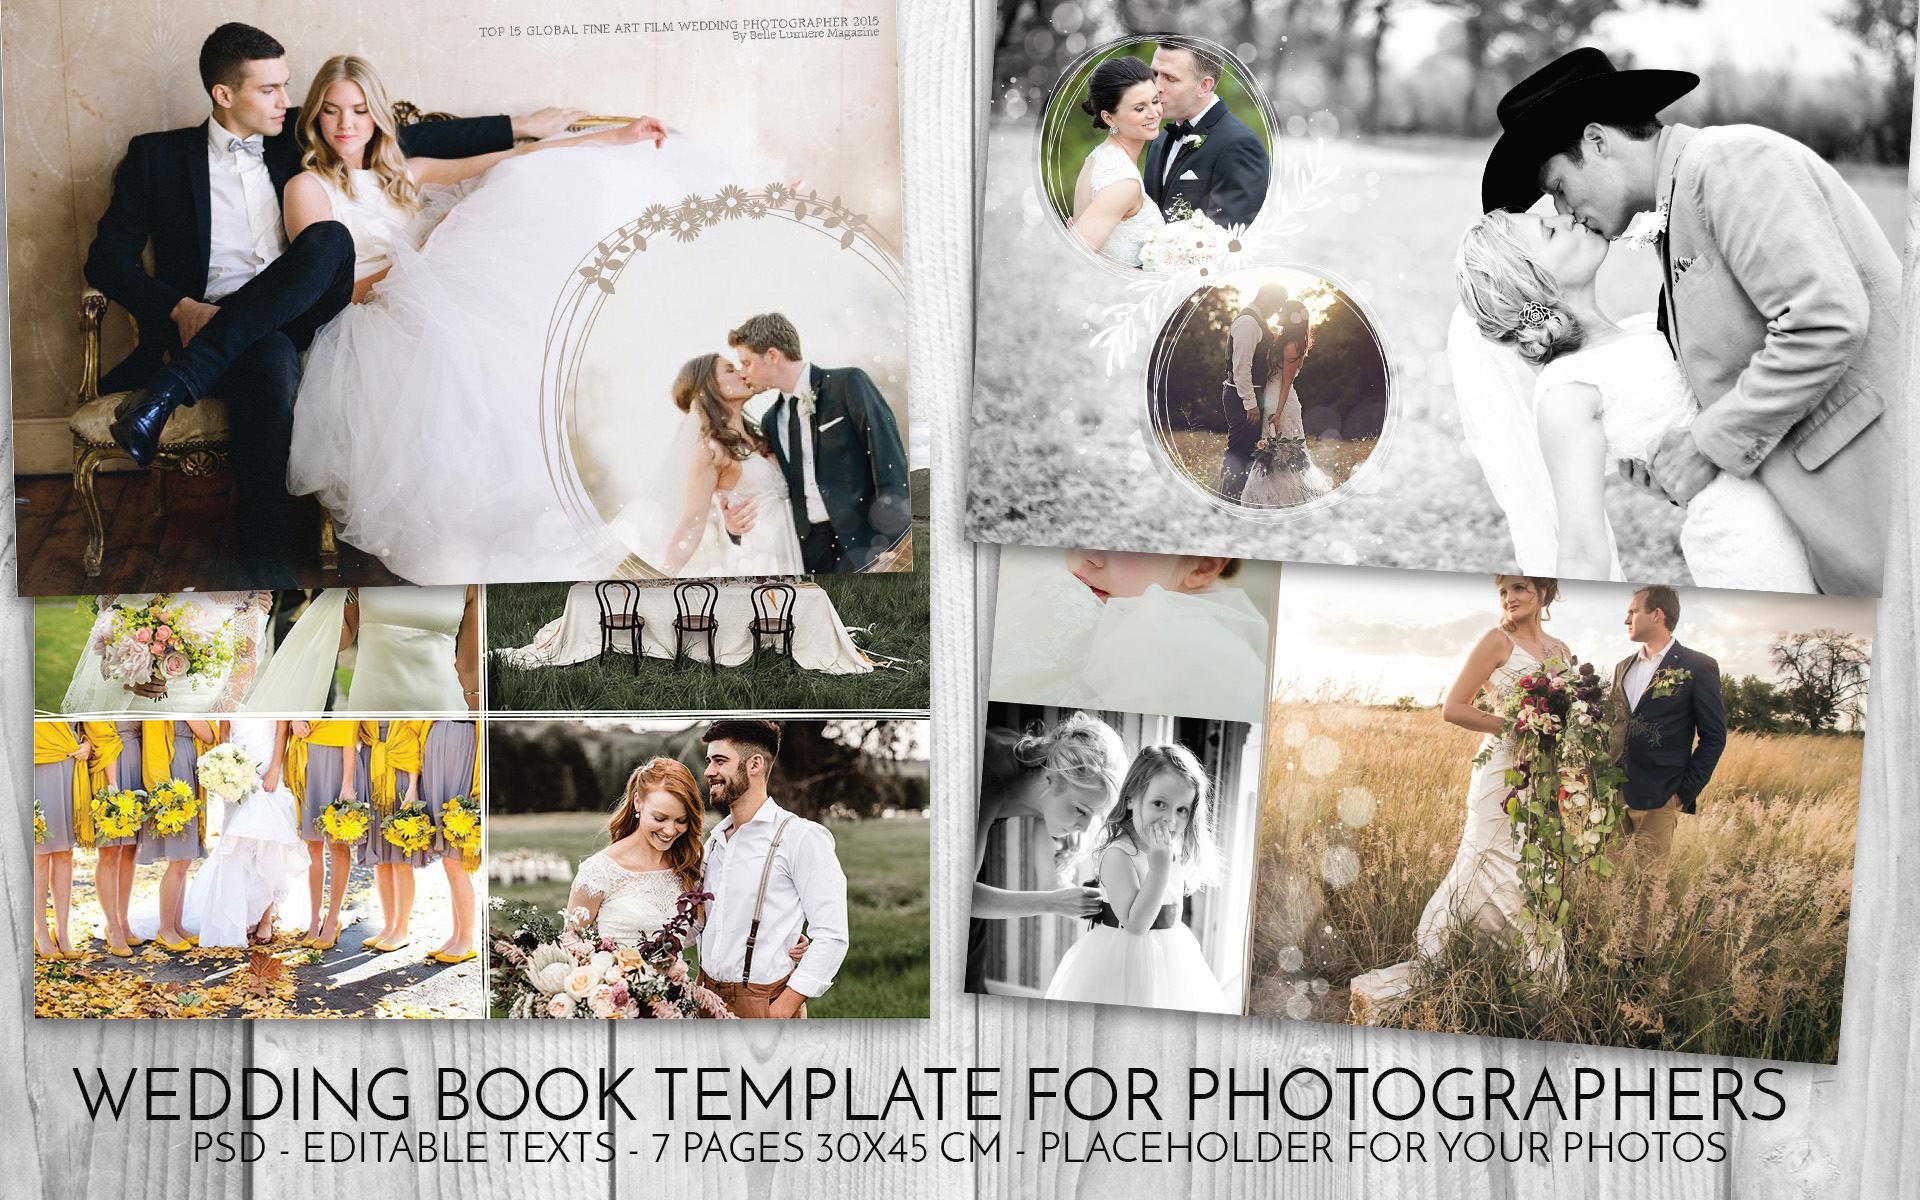 Hochzeit Vorlage Psd Hochzeit Buch Photoshop Vorlage für   Etsy